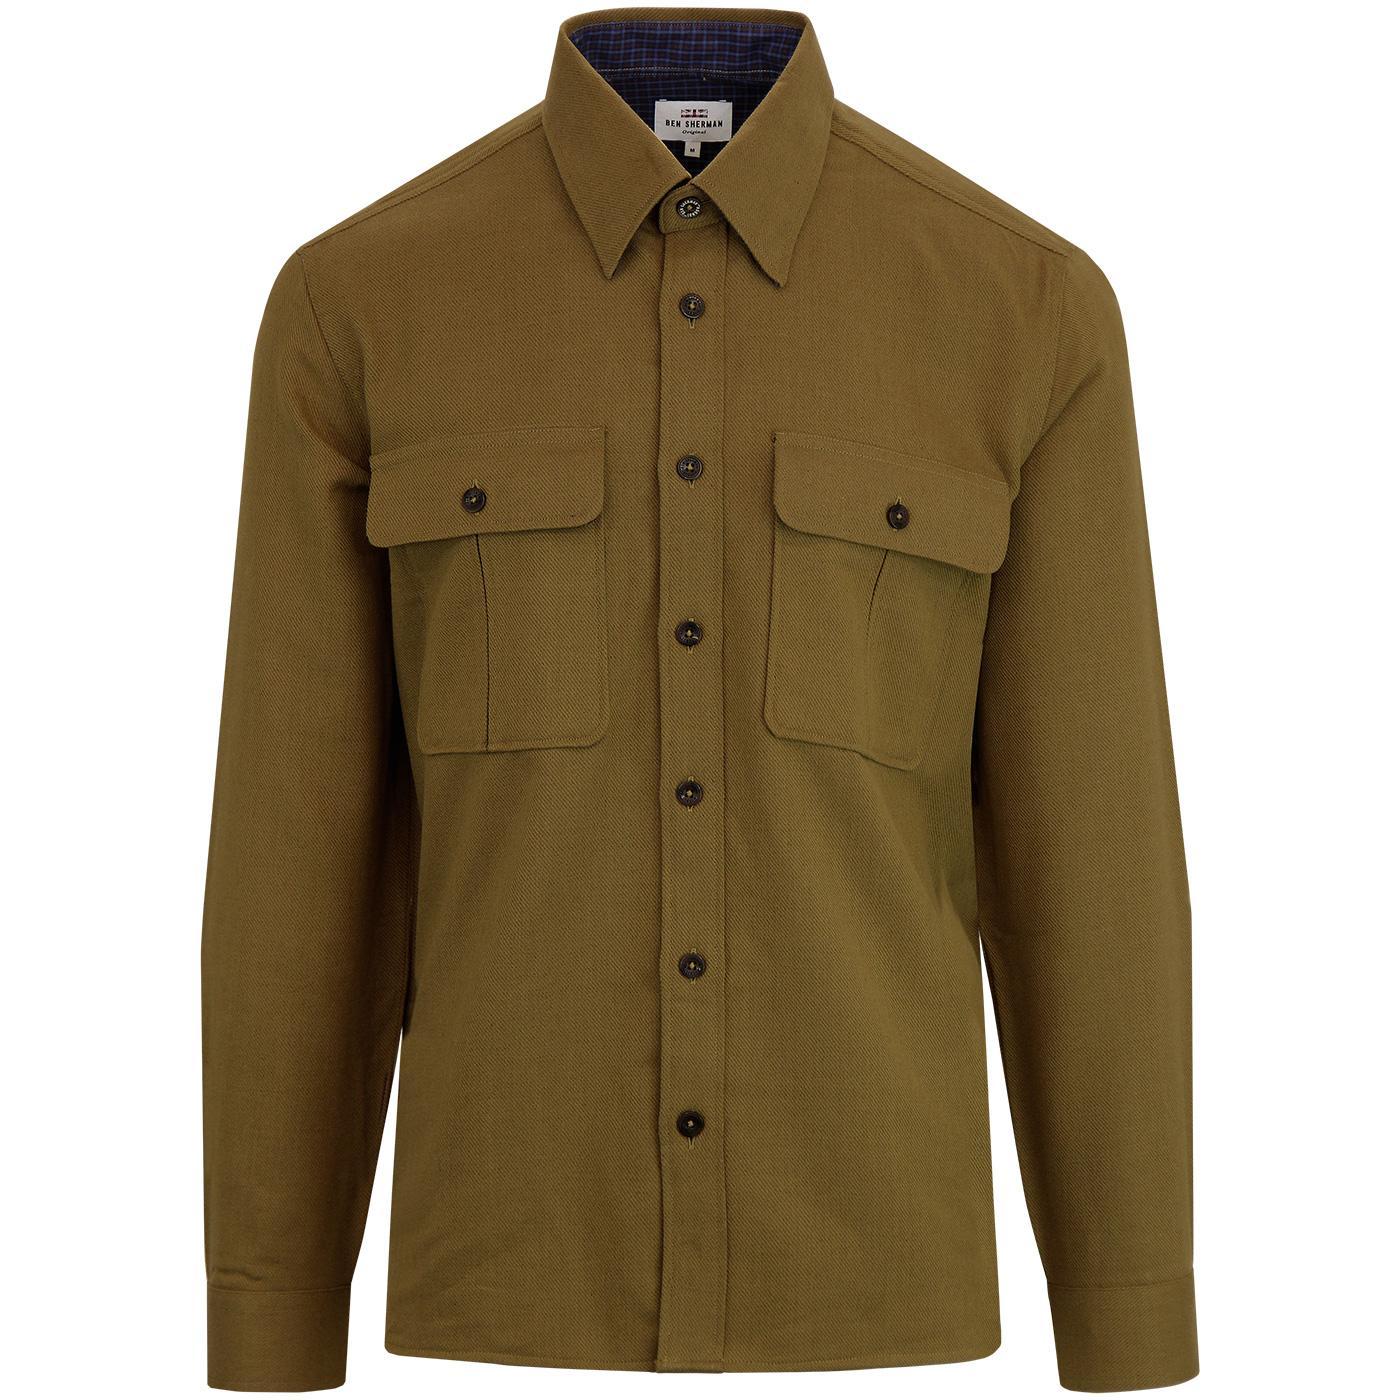 BEN SHERMAN Retro Textured Wool Utility Overshirt